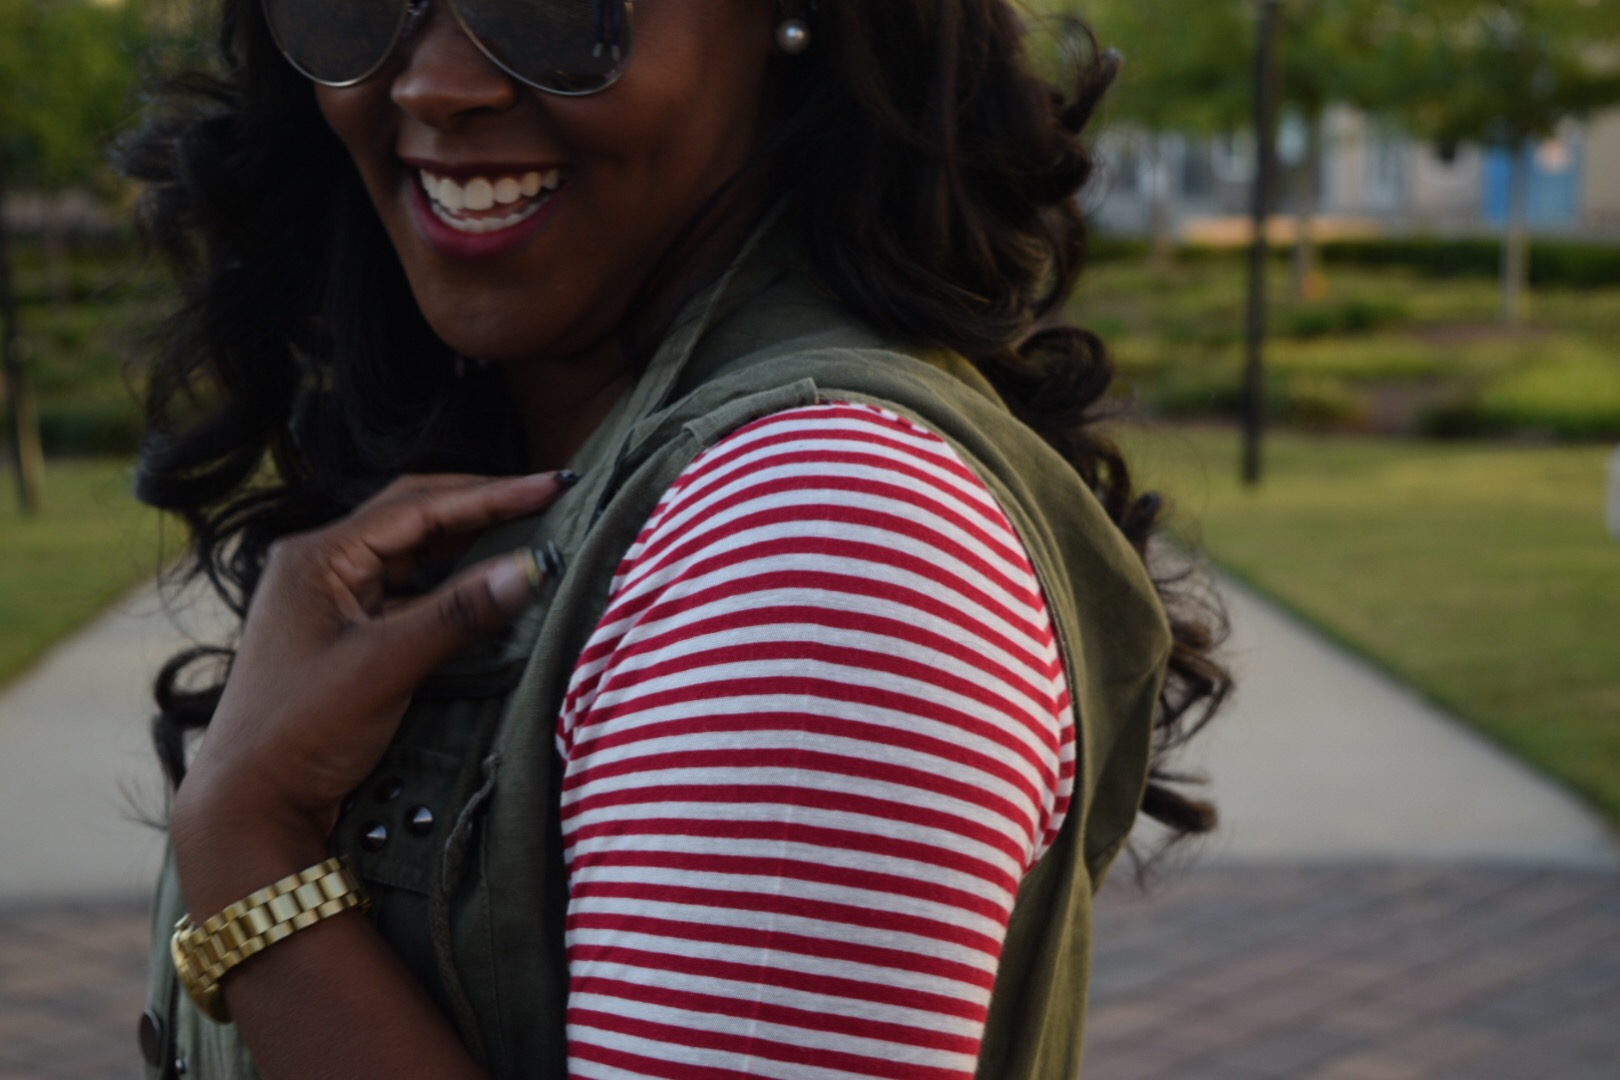 Target X Who What Wear Stripe Shirt (similar  here ), Forever 21 Army Green Vest (similar  here ), J Crew Skirt (similar  here ); Steve Madden Cheetah Flats (similar  here )